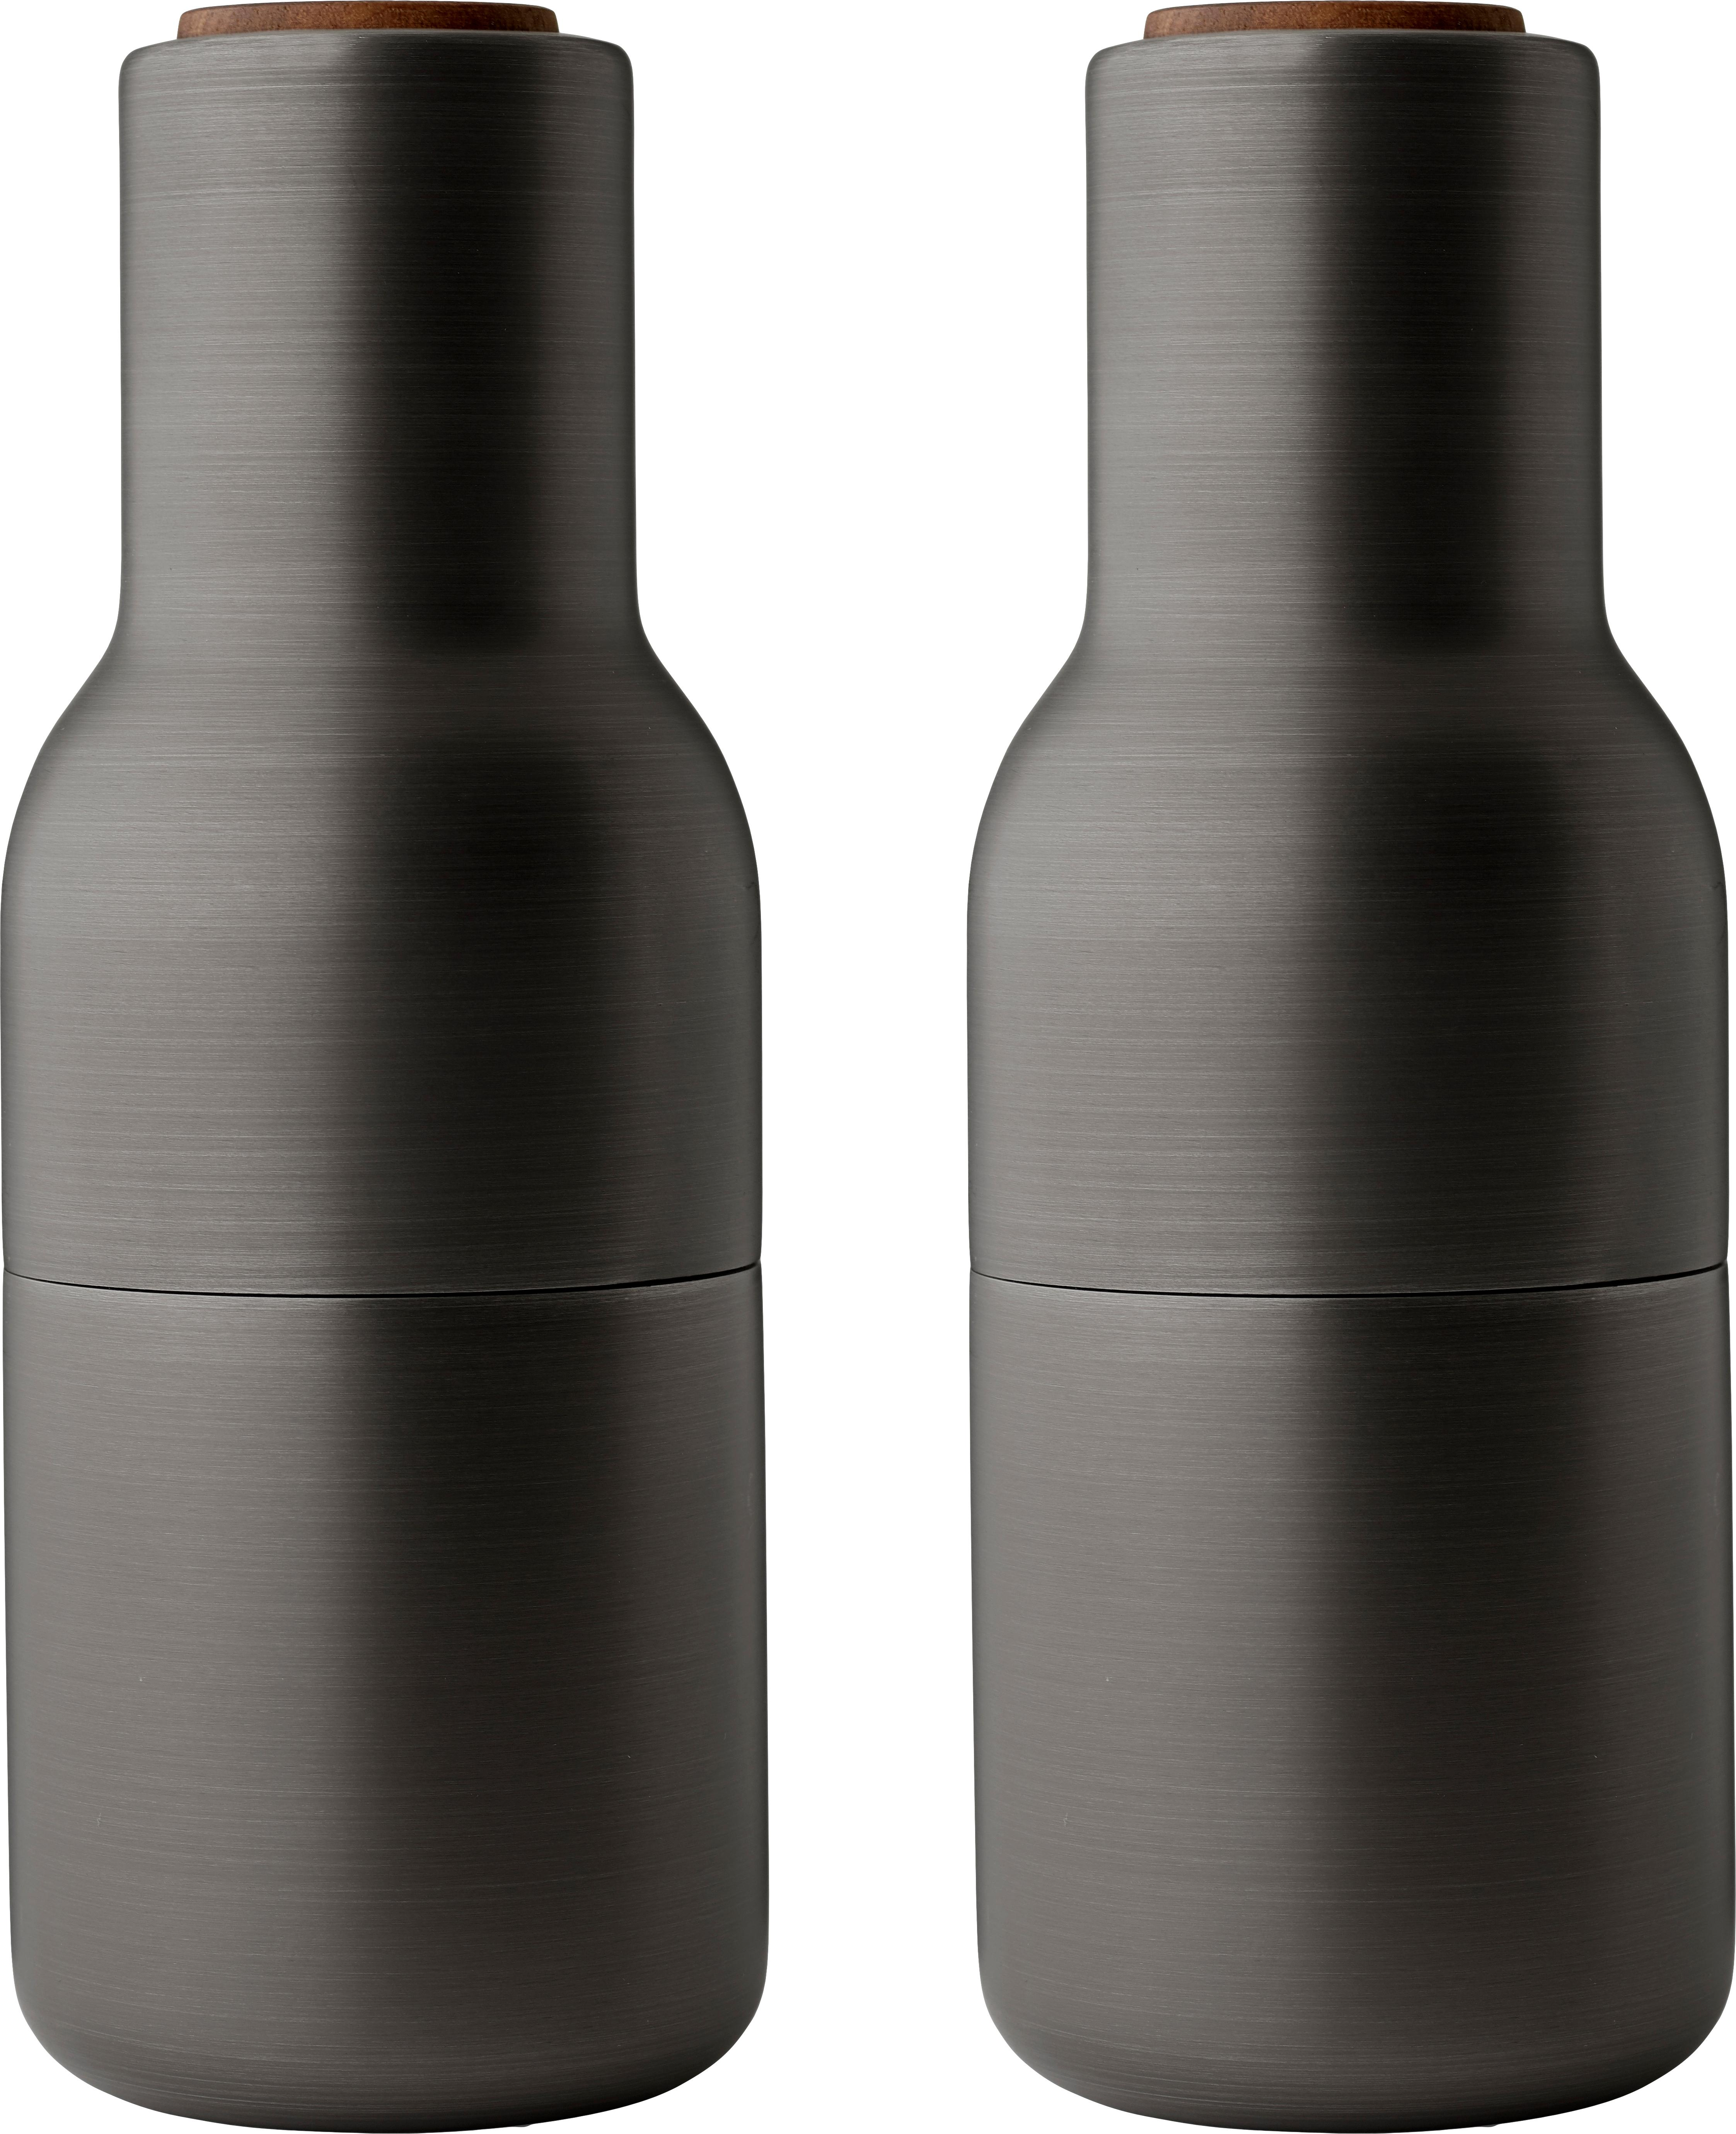 Molinillos de diseño Bottle Grinder, 2pzas., Estructura: acero, latón y cepillado, Grinder: cerámica, Gris antracita, Ø 8 x Al 21 cm